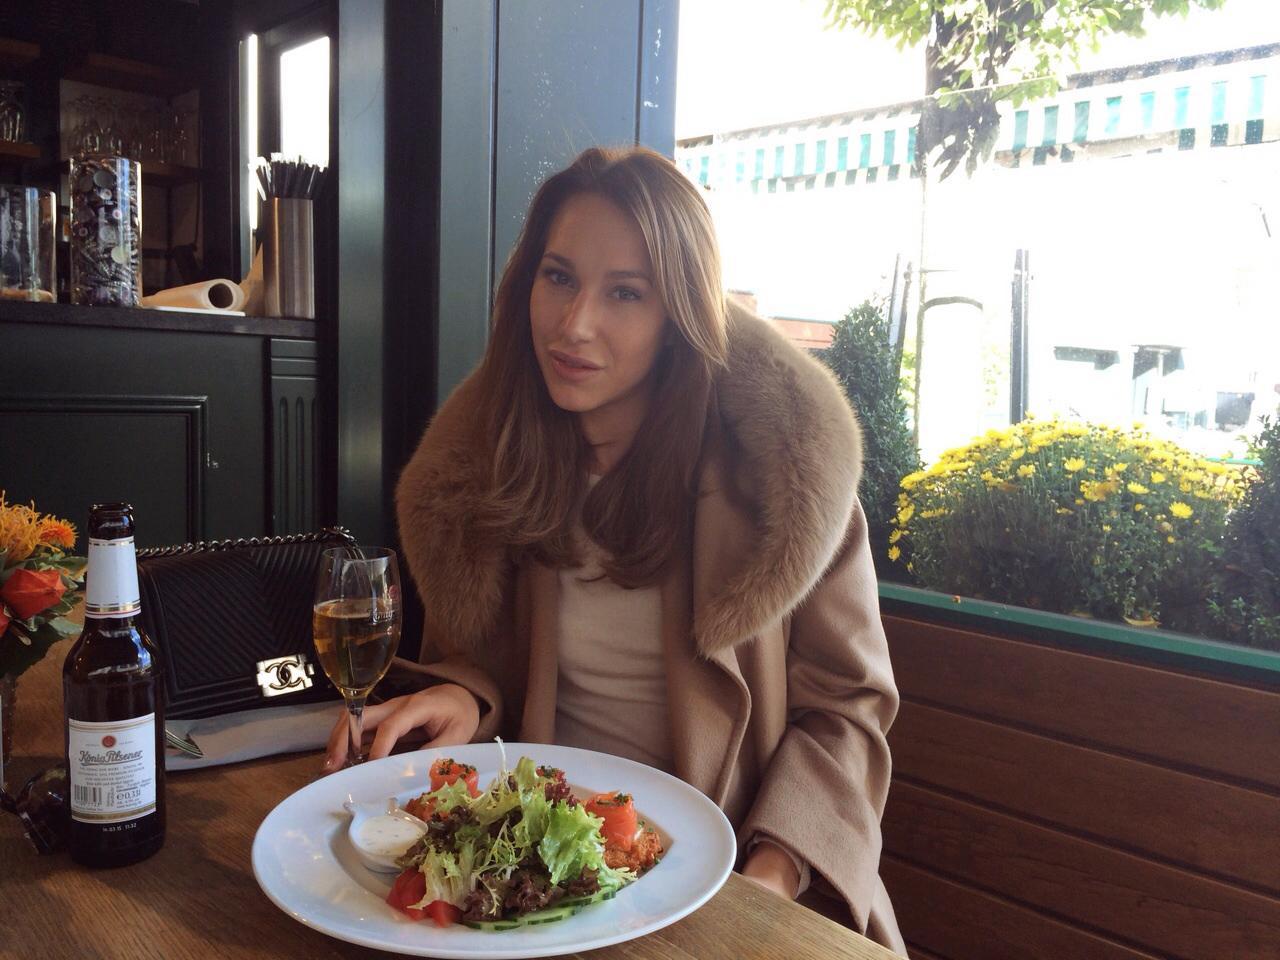 senaste rabatt köper nytt bästa valet Max Mara Studio   Petra Tungården   Bloglovin'